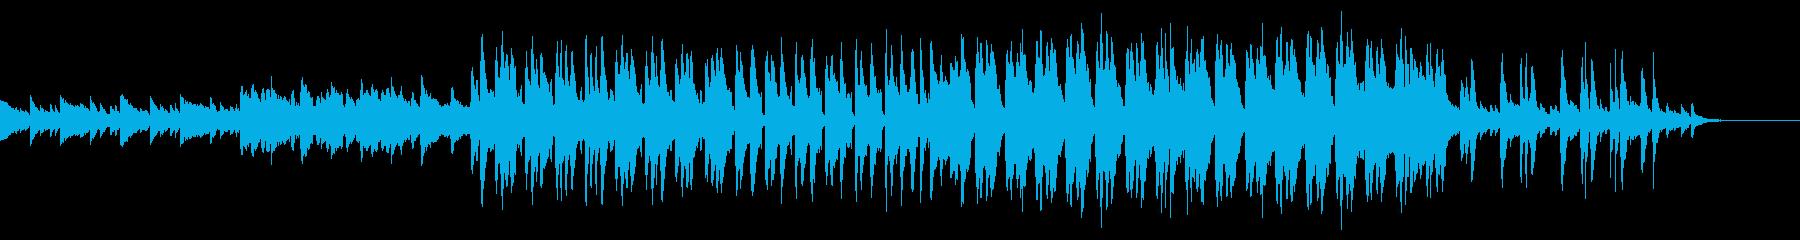 民族音楽風でファンタジーな世界観の再生済みの波形